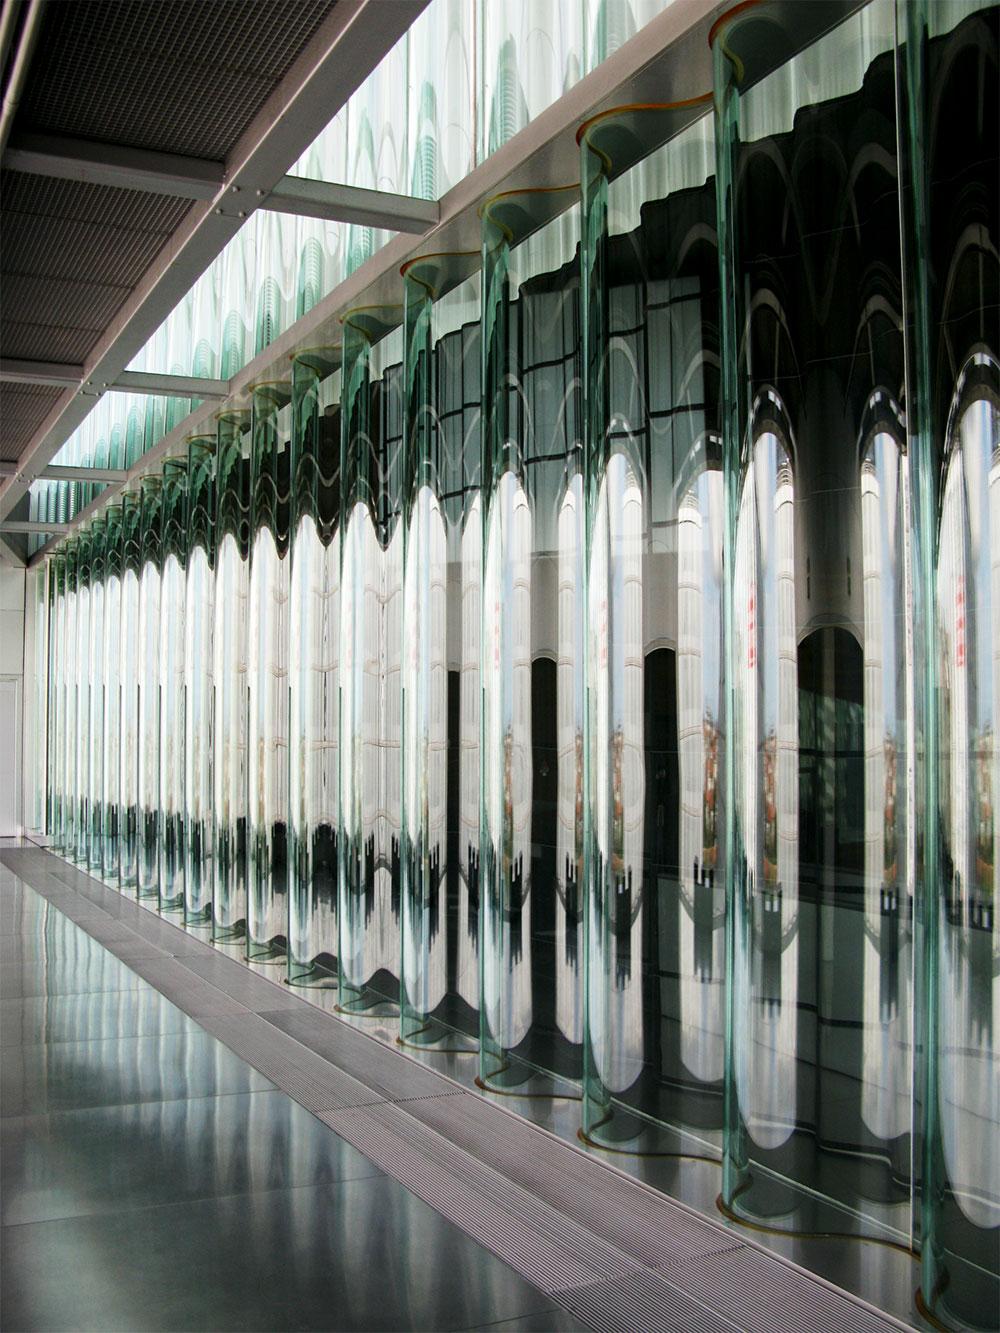 Casa del a Musica  Porto  facadeworld